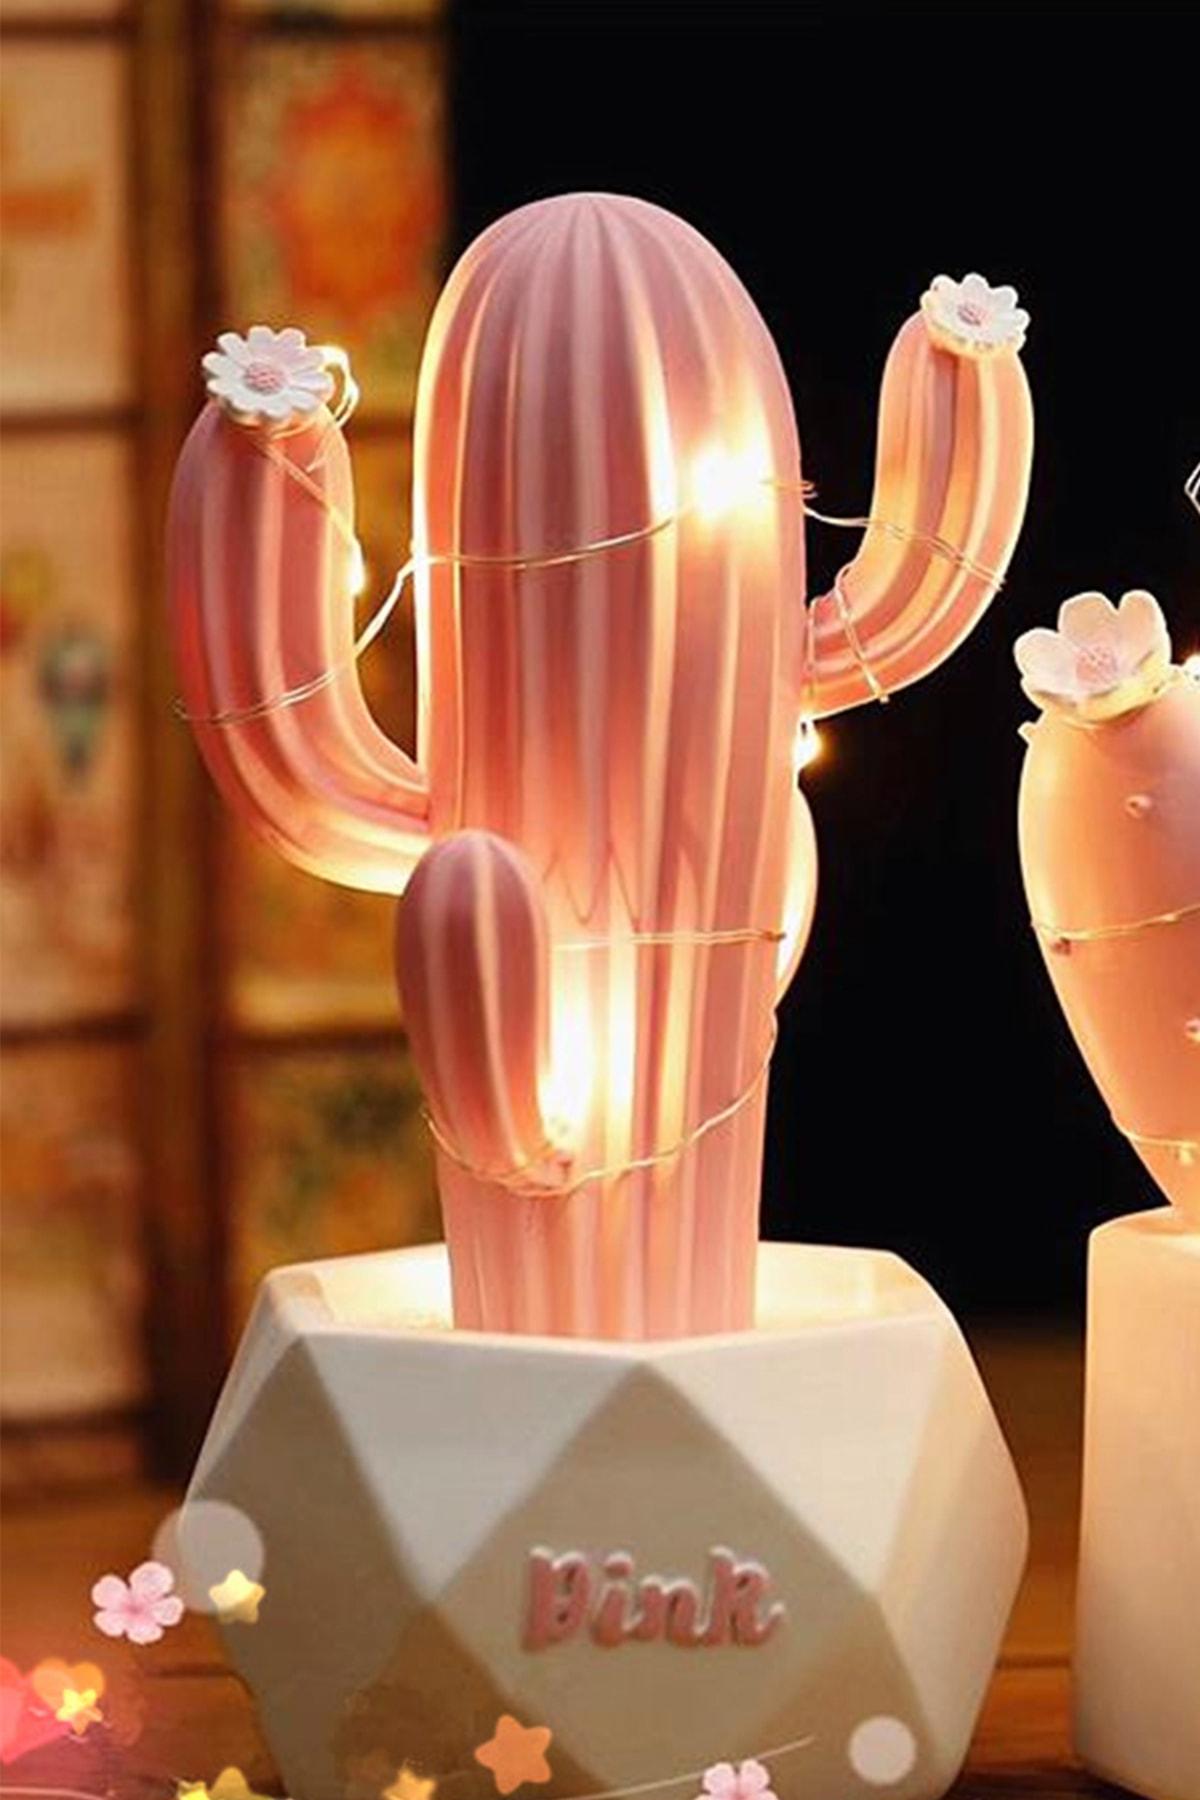 Led Işıklı Sevimli Kaktüs Dekoratif Masa Lambası Mini Biblo Gece Lambası-Pembe